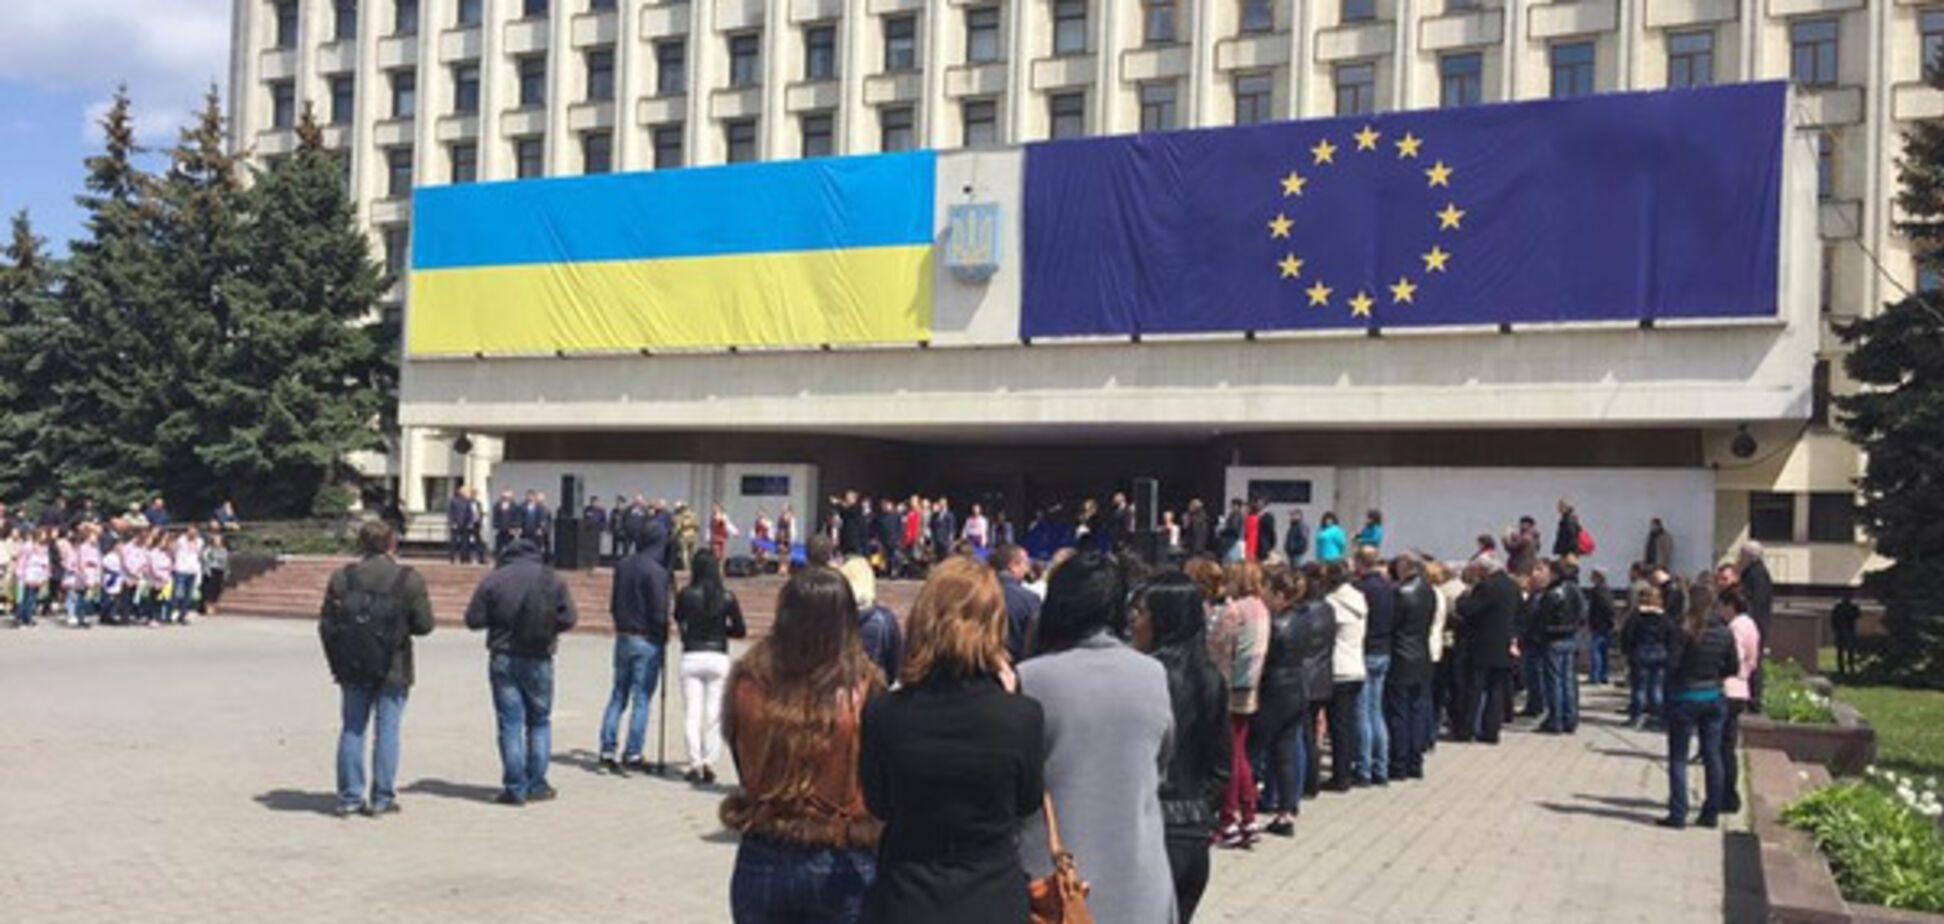 Безвизовый режим с ЕС: в Украине начался флеш-моб с гигантскими флагами Евросоюза